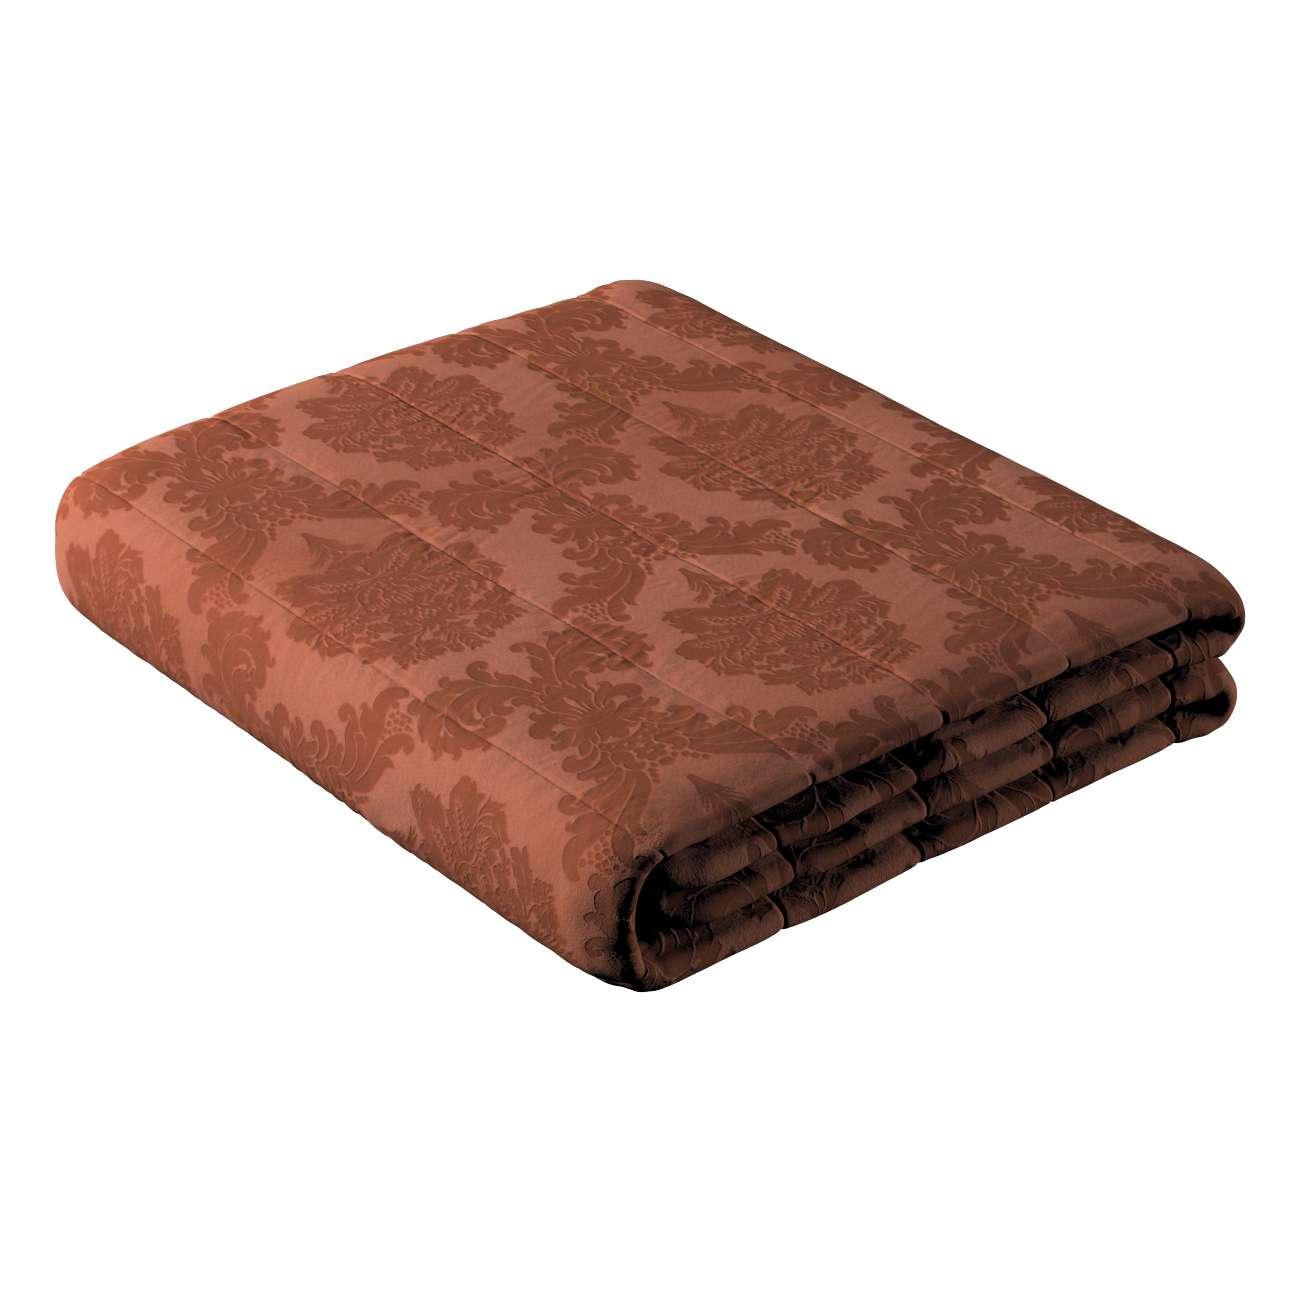 Prehoz  s pozdĺžným prešívaním V kolekcii Damasco, tkanina: 613-88